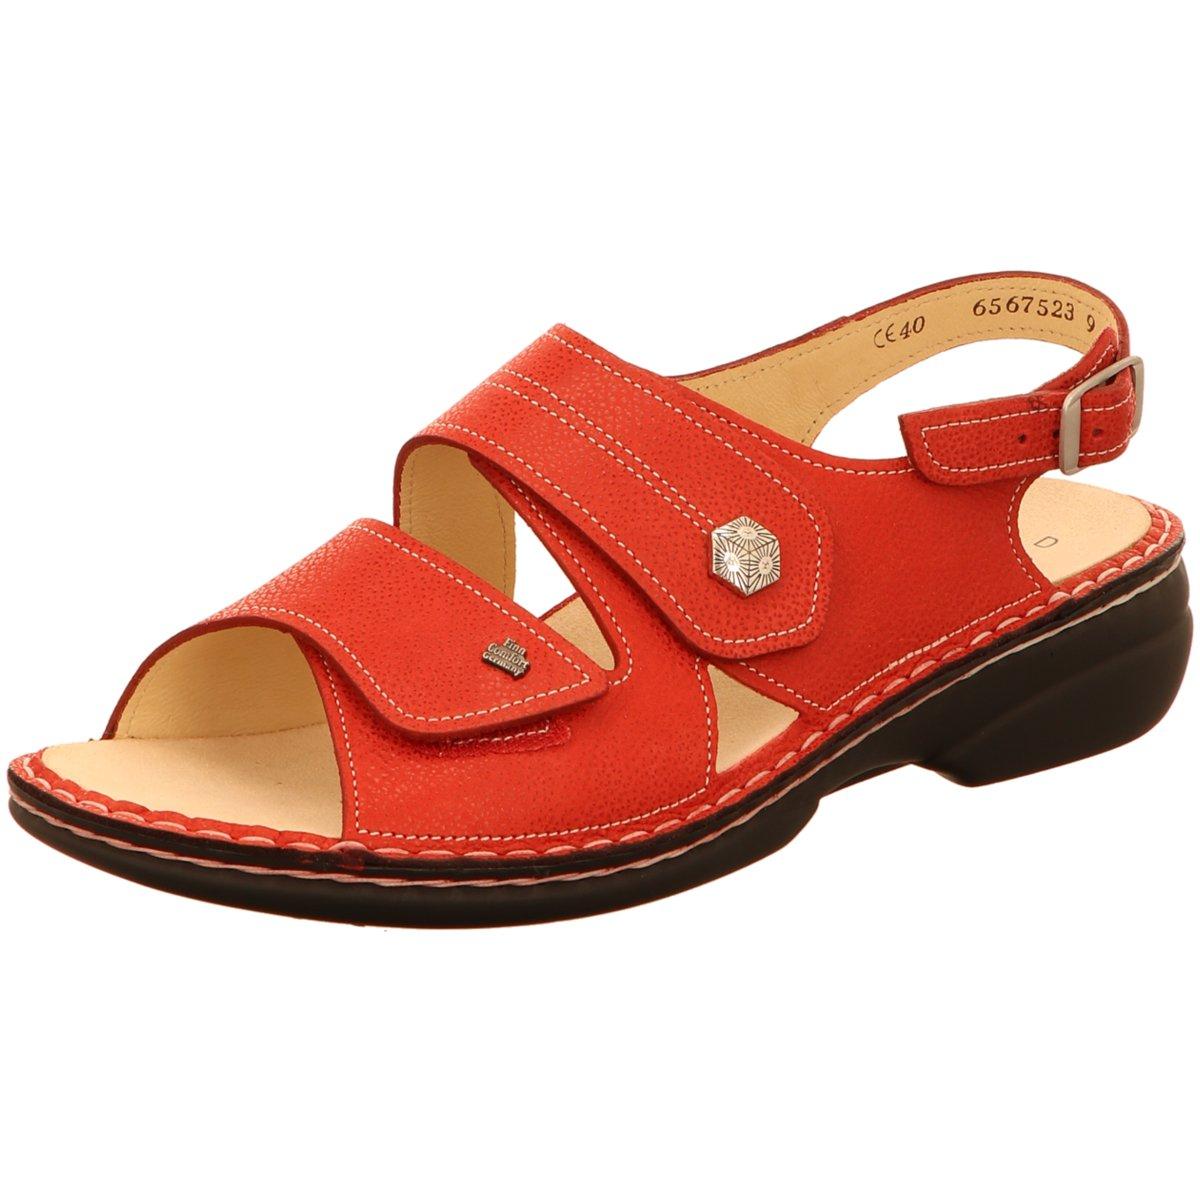 Zu Rot Finncomfort Details Sandaletten 539403 02560 308676 Damen D2IEeW9YH